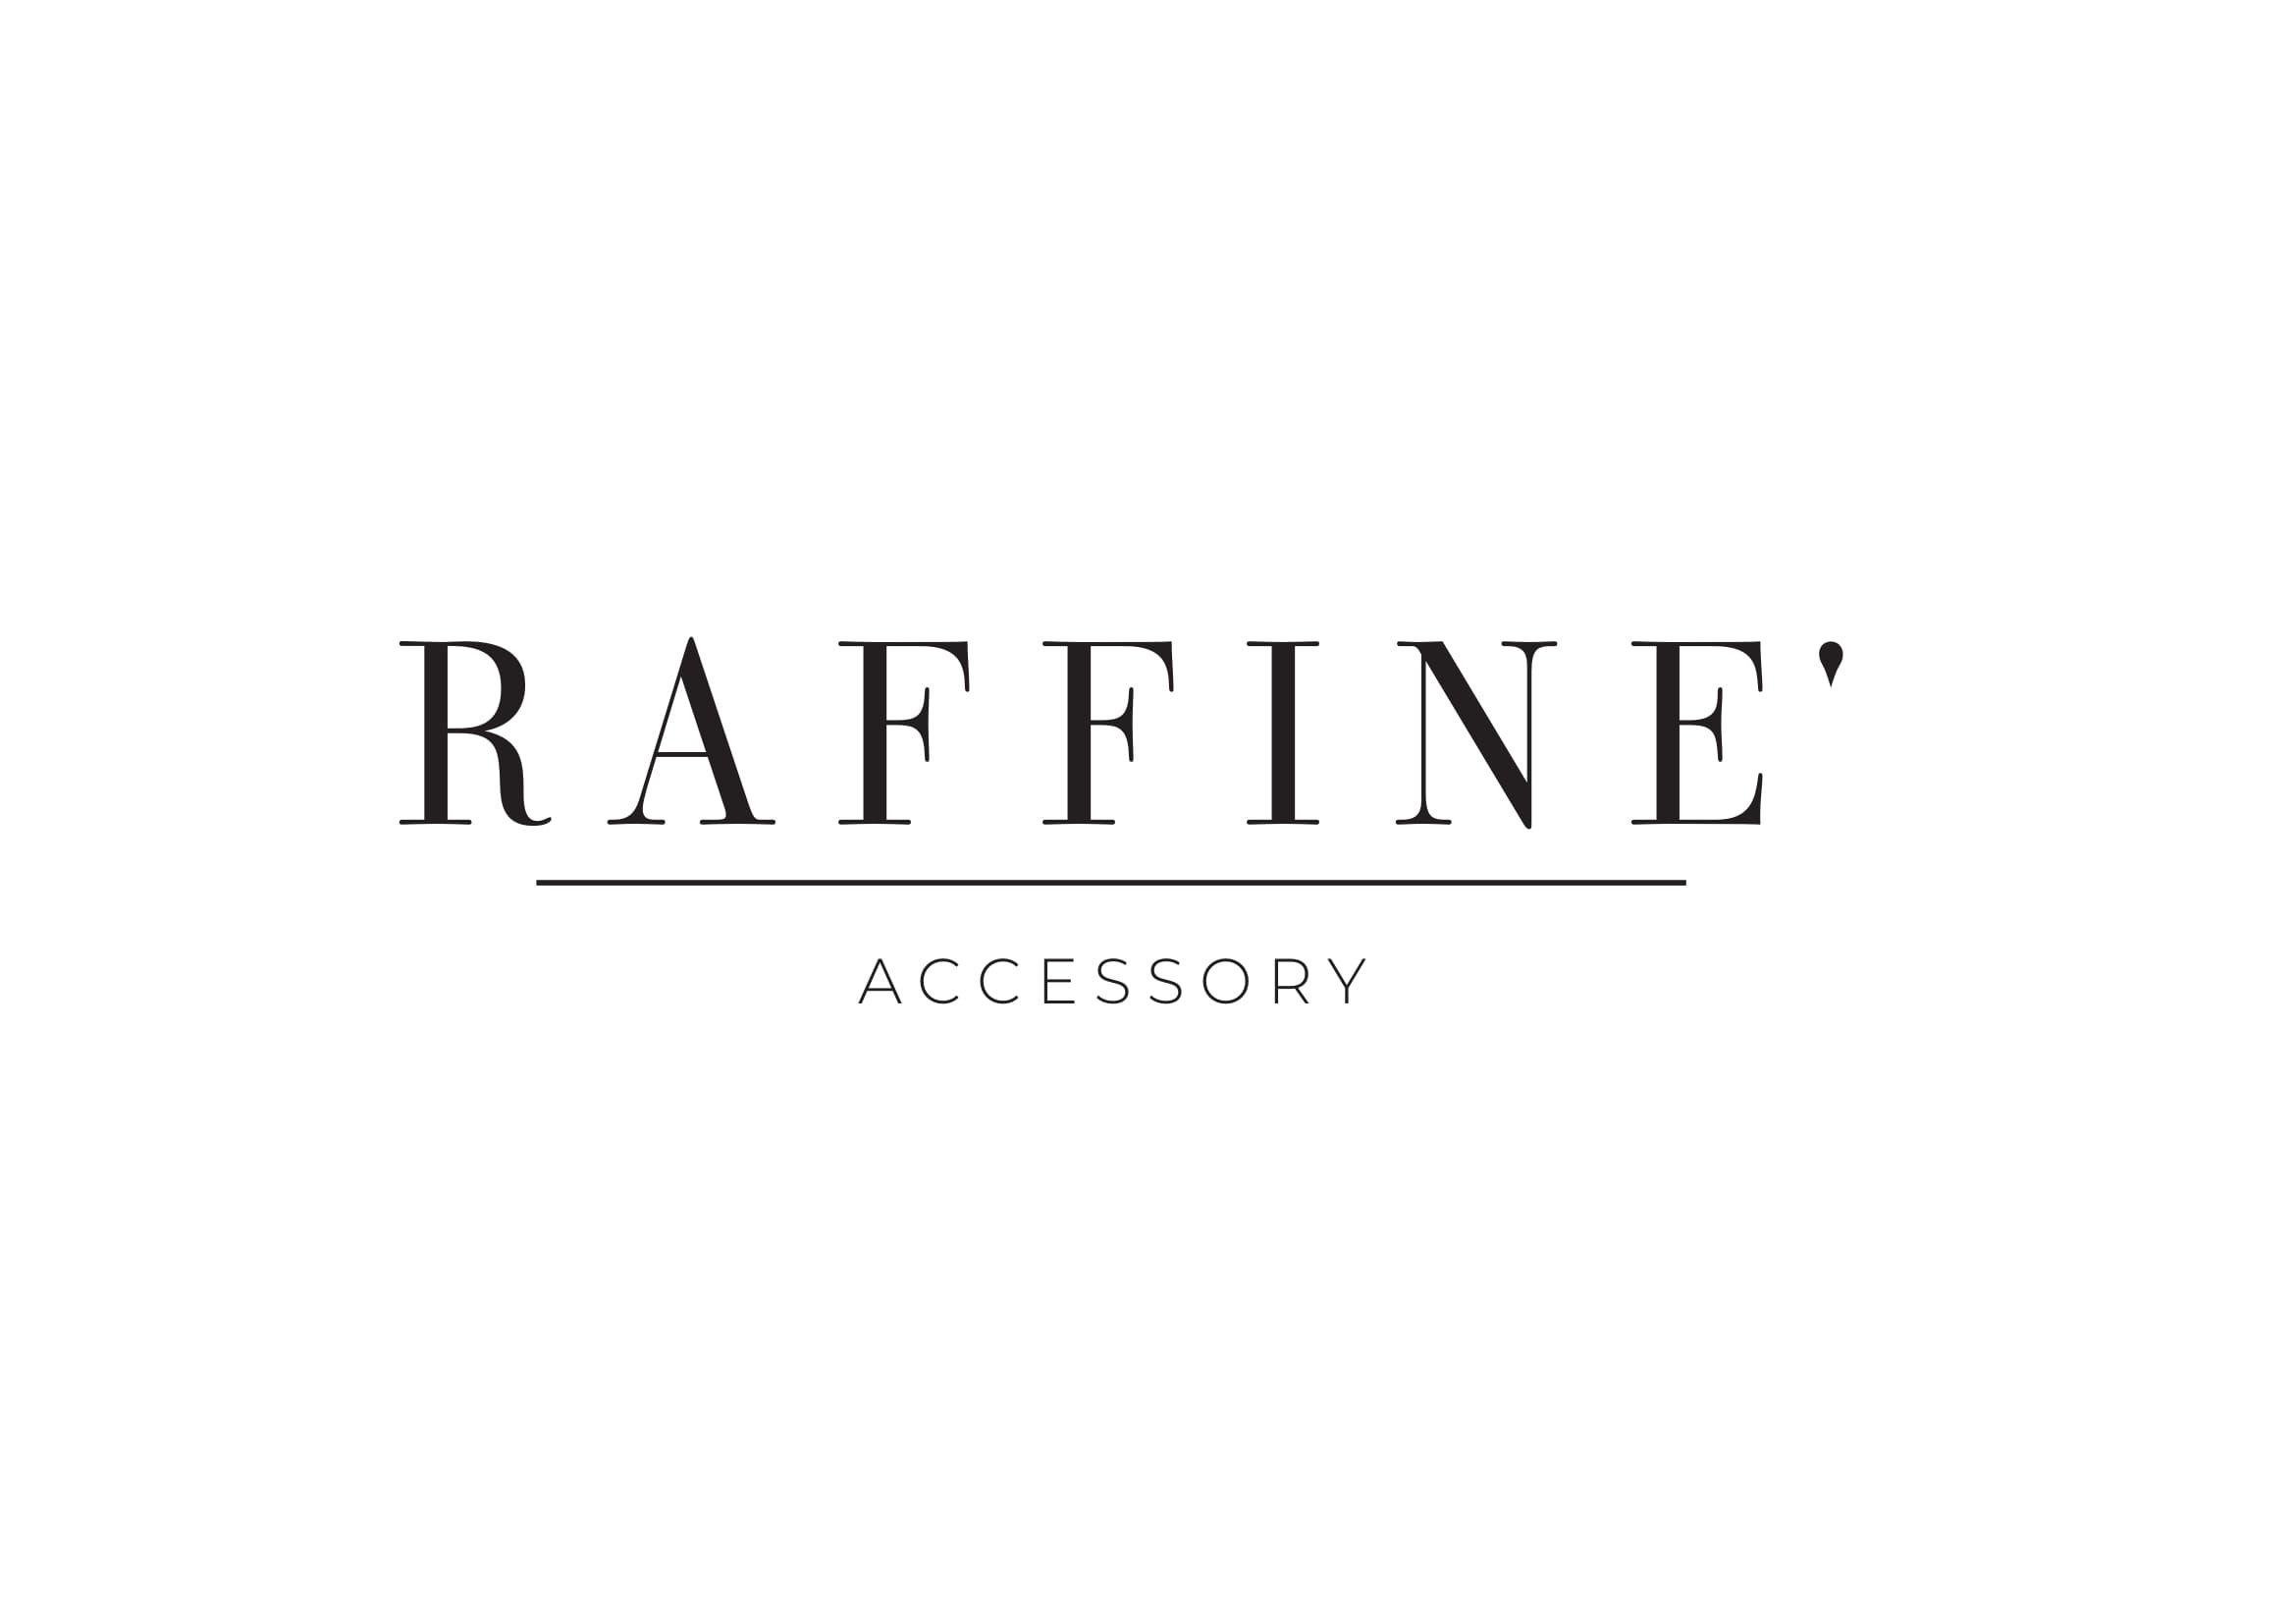 RAFFINE'